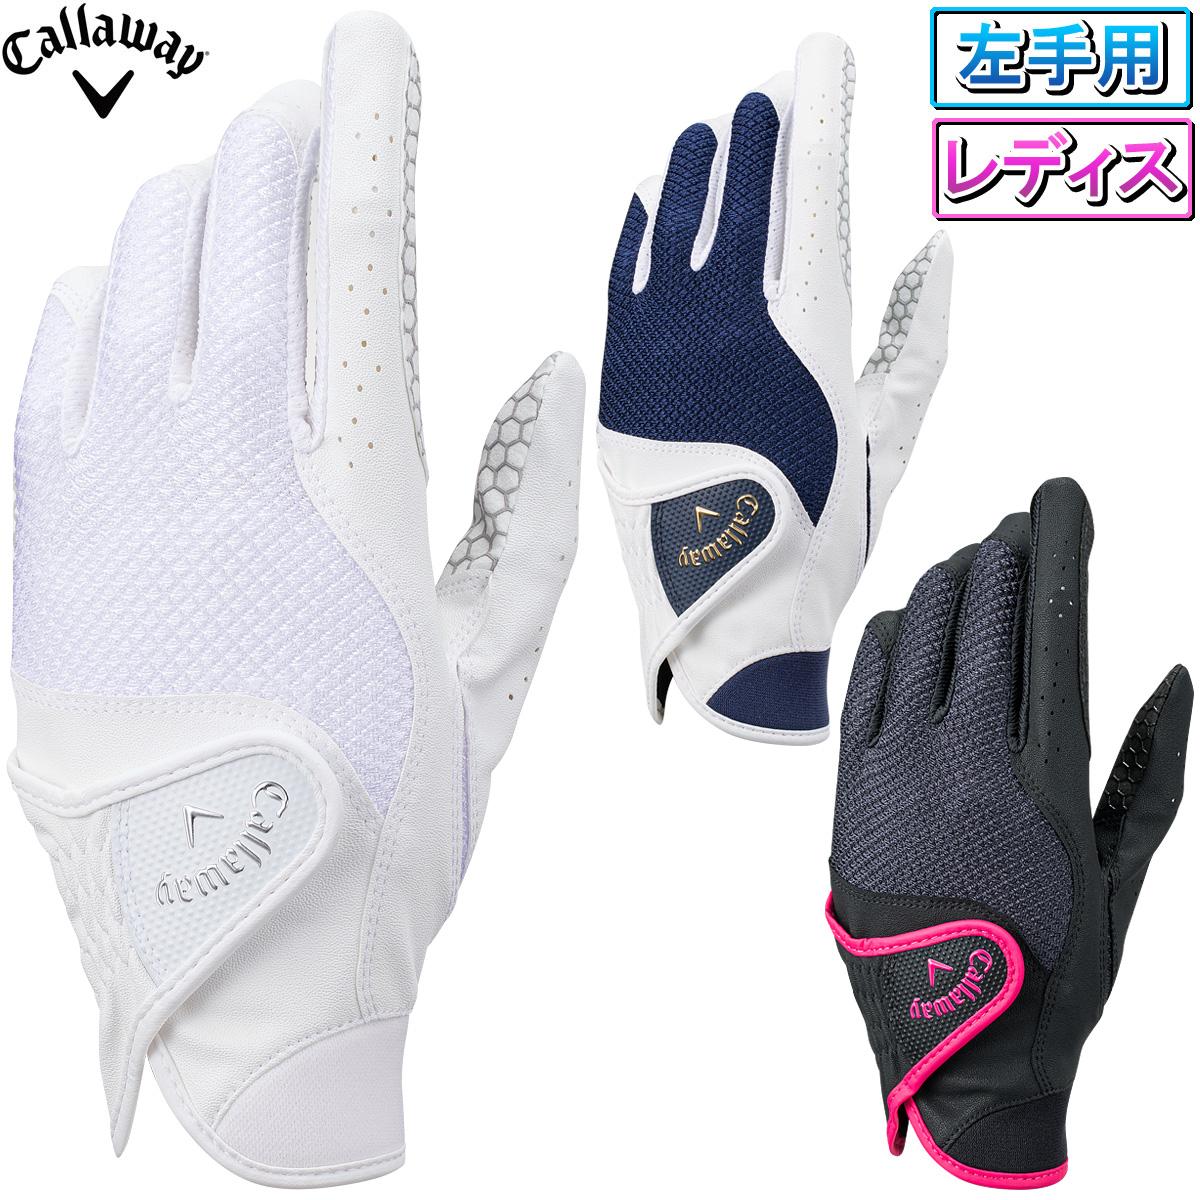 スーパーSALE開催中 即納 Callaway キャロウェイ アウトレット 日本正規品 Hyper Grip Glove Women's 21 通常便なら送料無料 左手用 JM グリップ 2021新製品 あす楽対応 ゴルフグローブ ウィメンズ ハイパー レディス グローブ